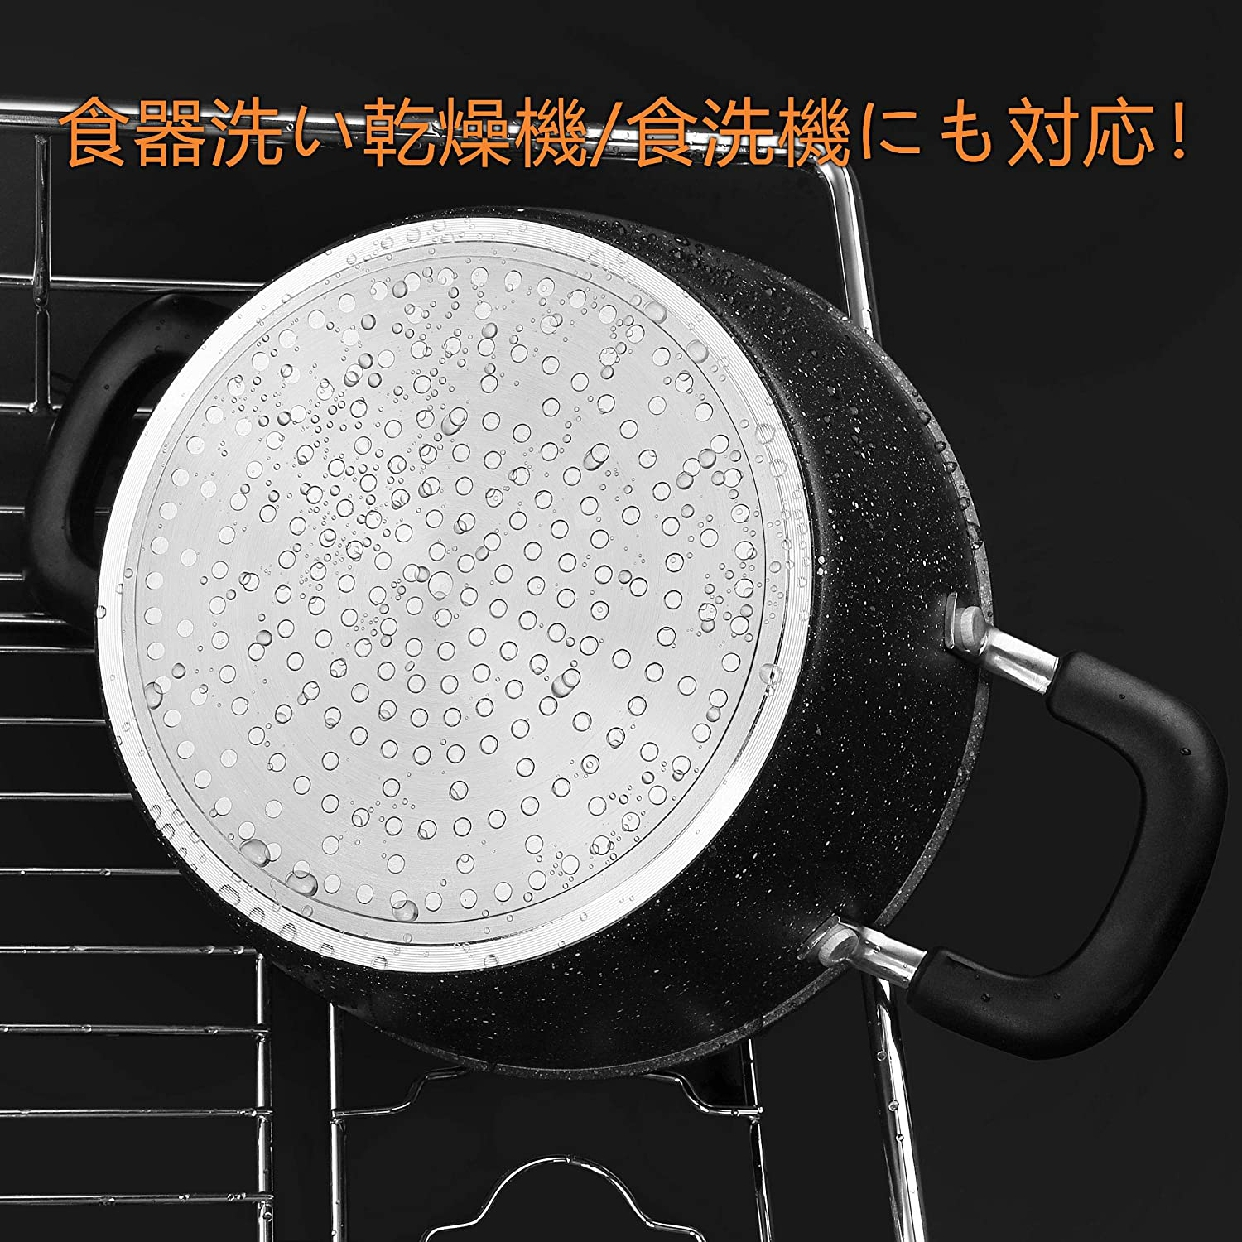 COOKSMARK(クックスマーク) 両手鍋ガラス鍋蓋付 20cm ブラック H-4237の商品画像5